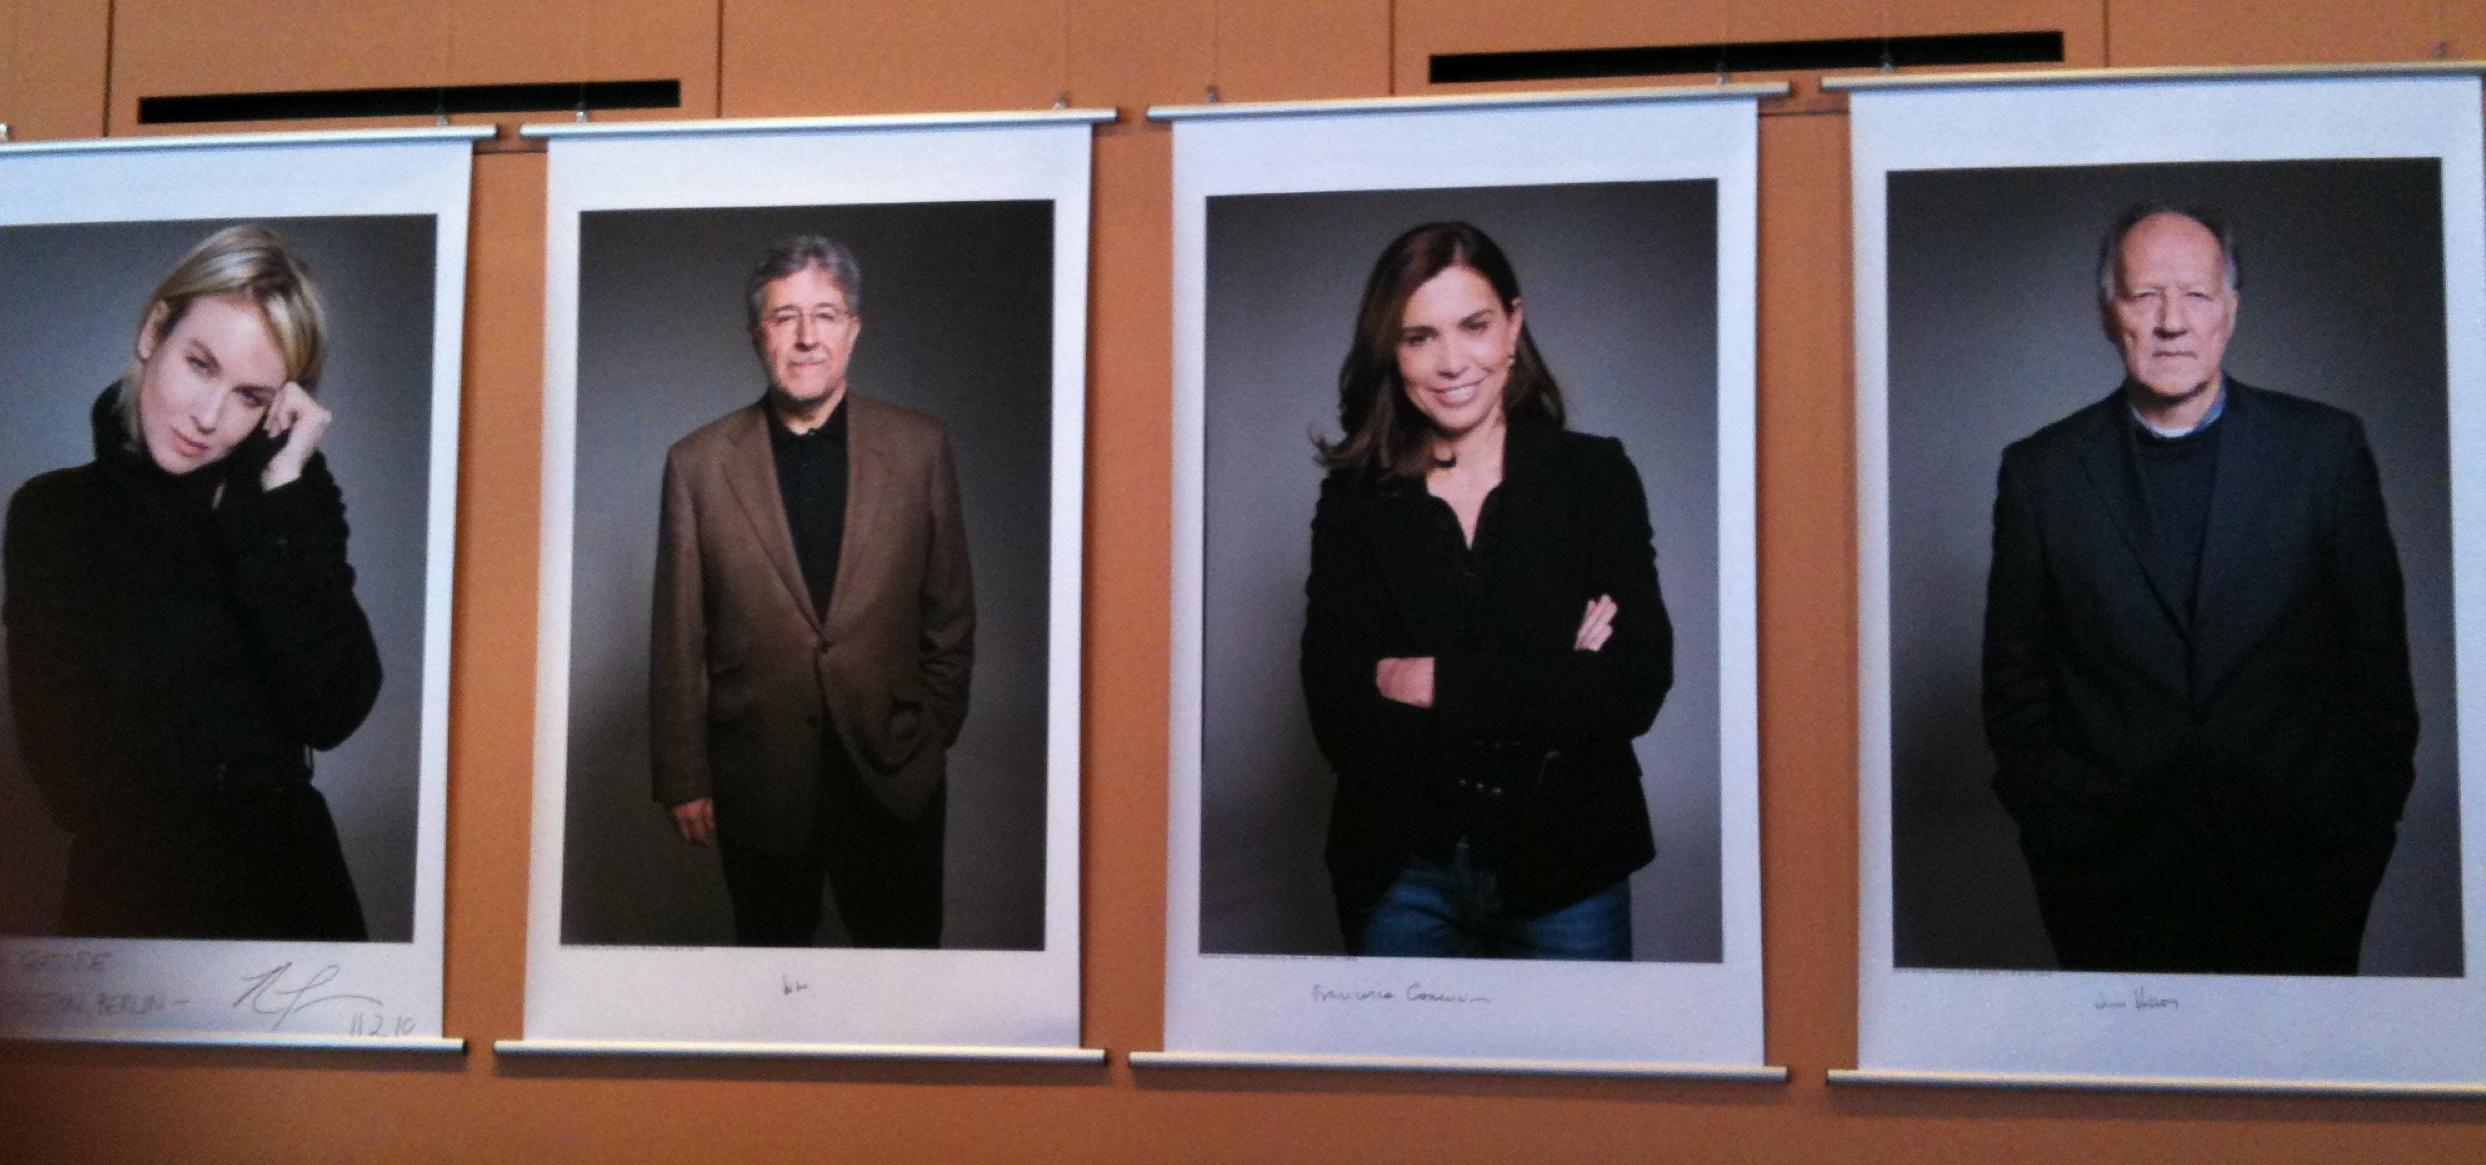 Juryen til Berlinale - med Renée Zellweger til yderst venstre og Werner Herzog til yderst højre